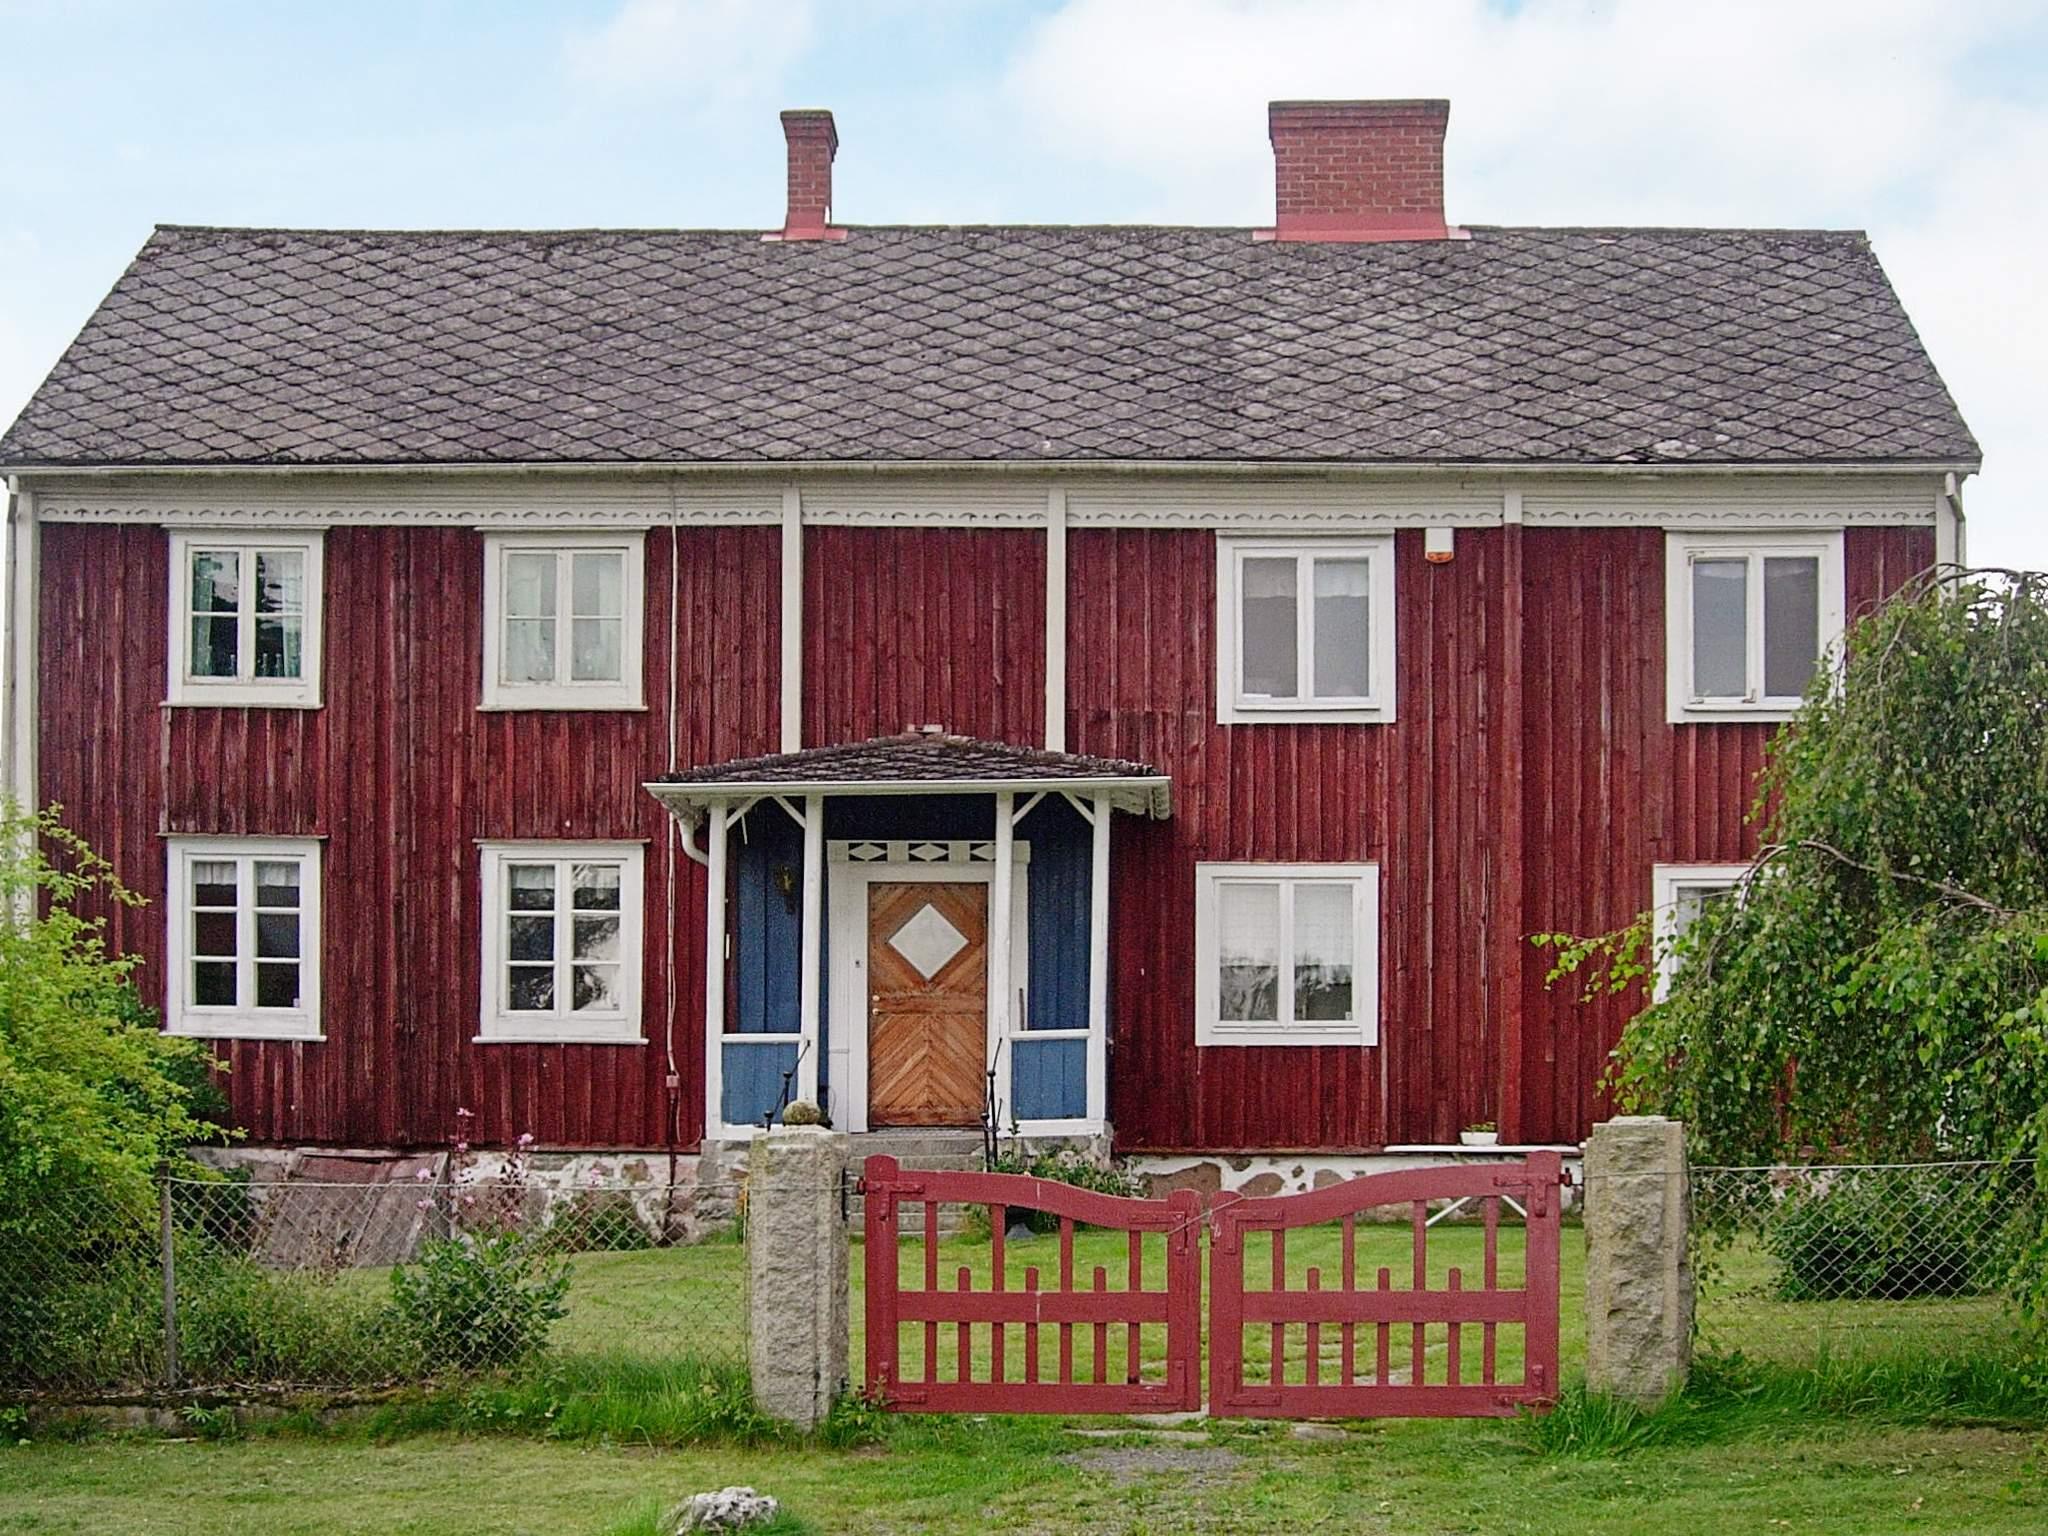 Ferienhaus Olofström (2354678), Olofström, Blekinge län, Südschweden, Schweden, Bild 1